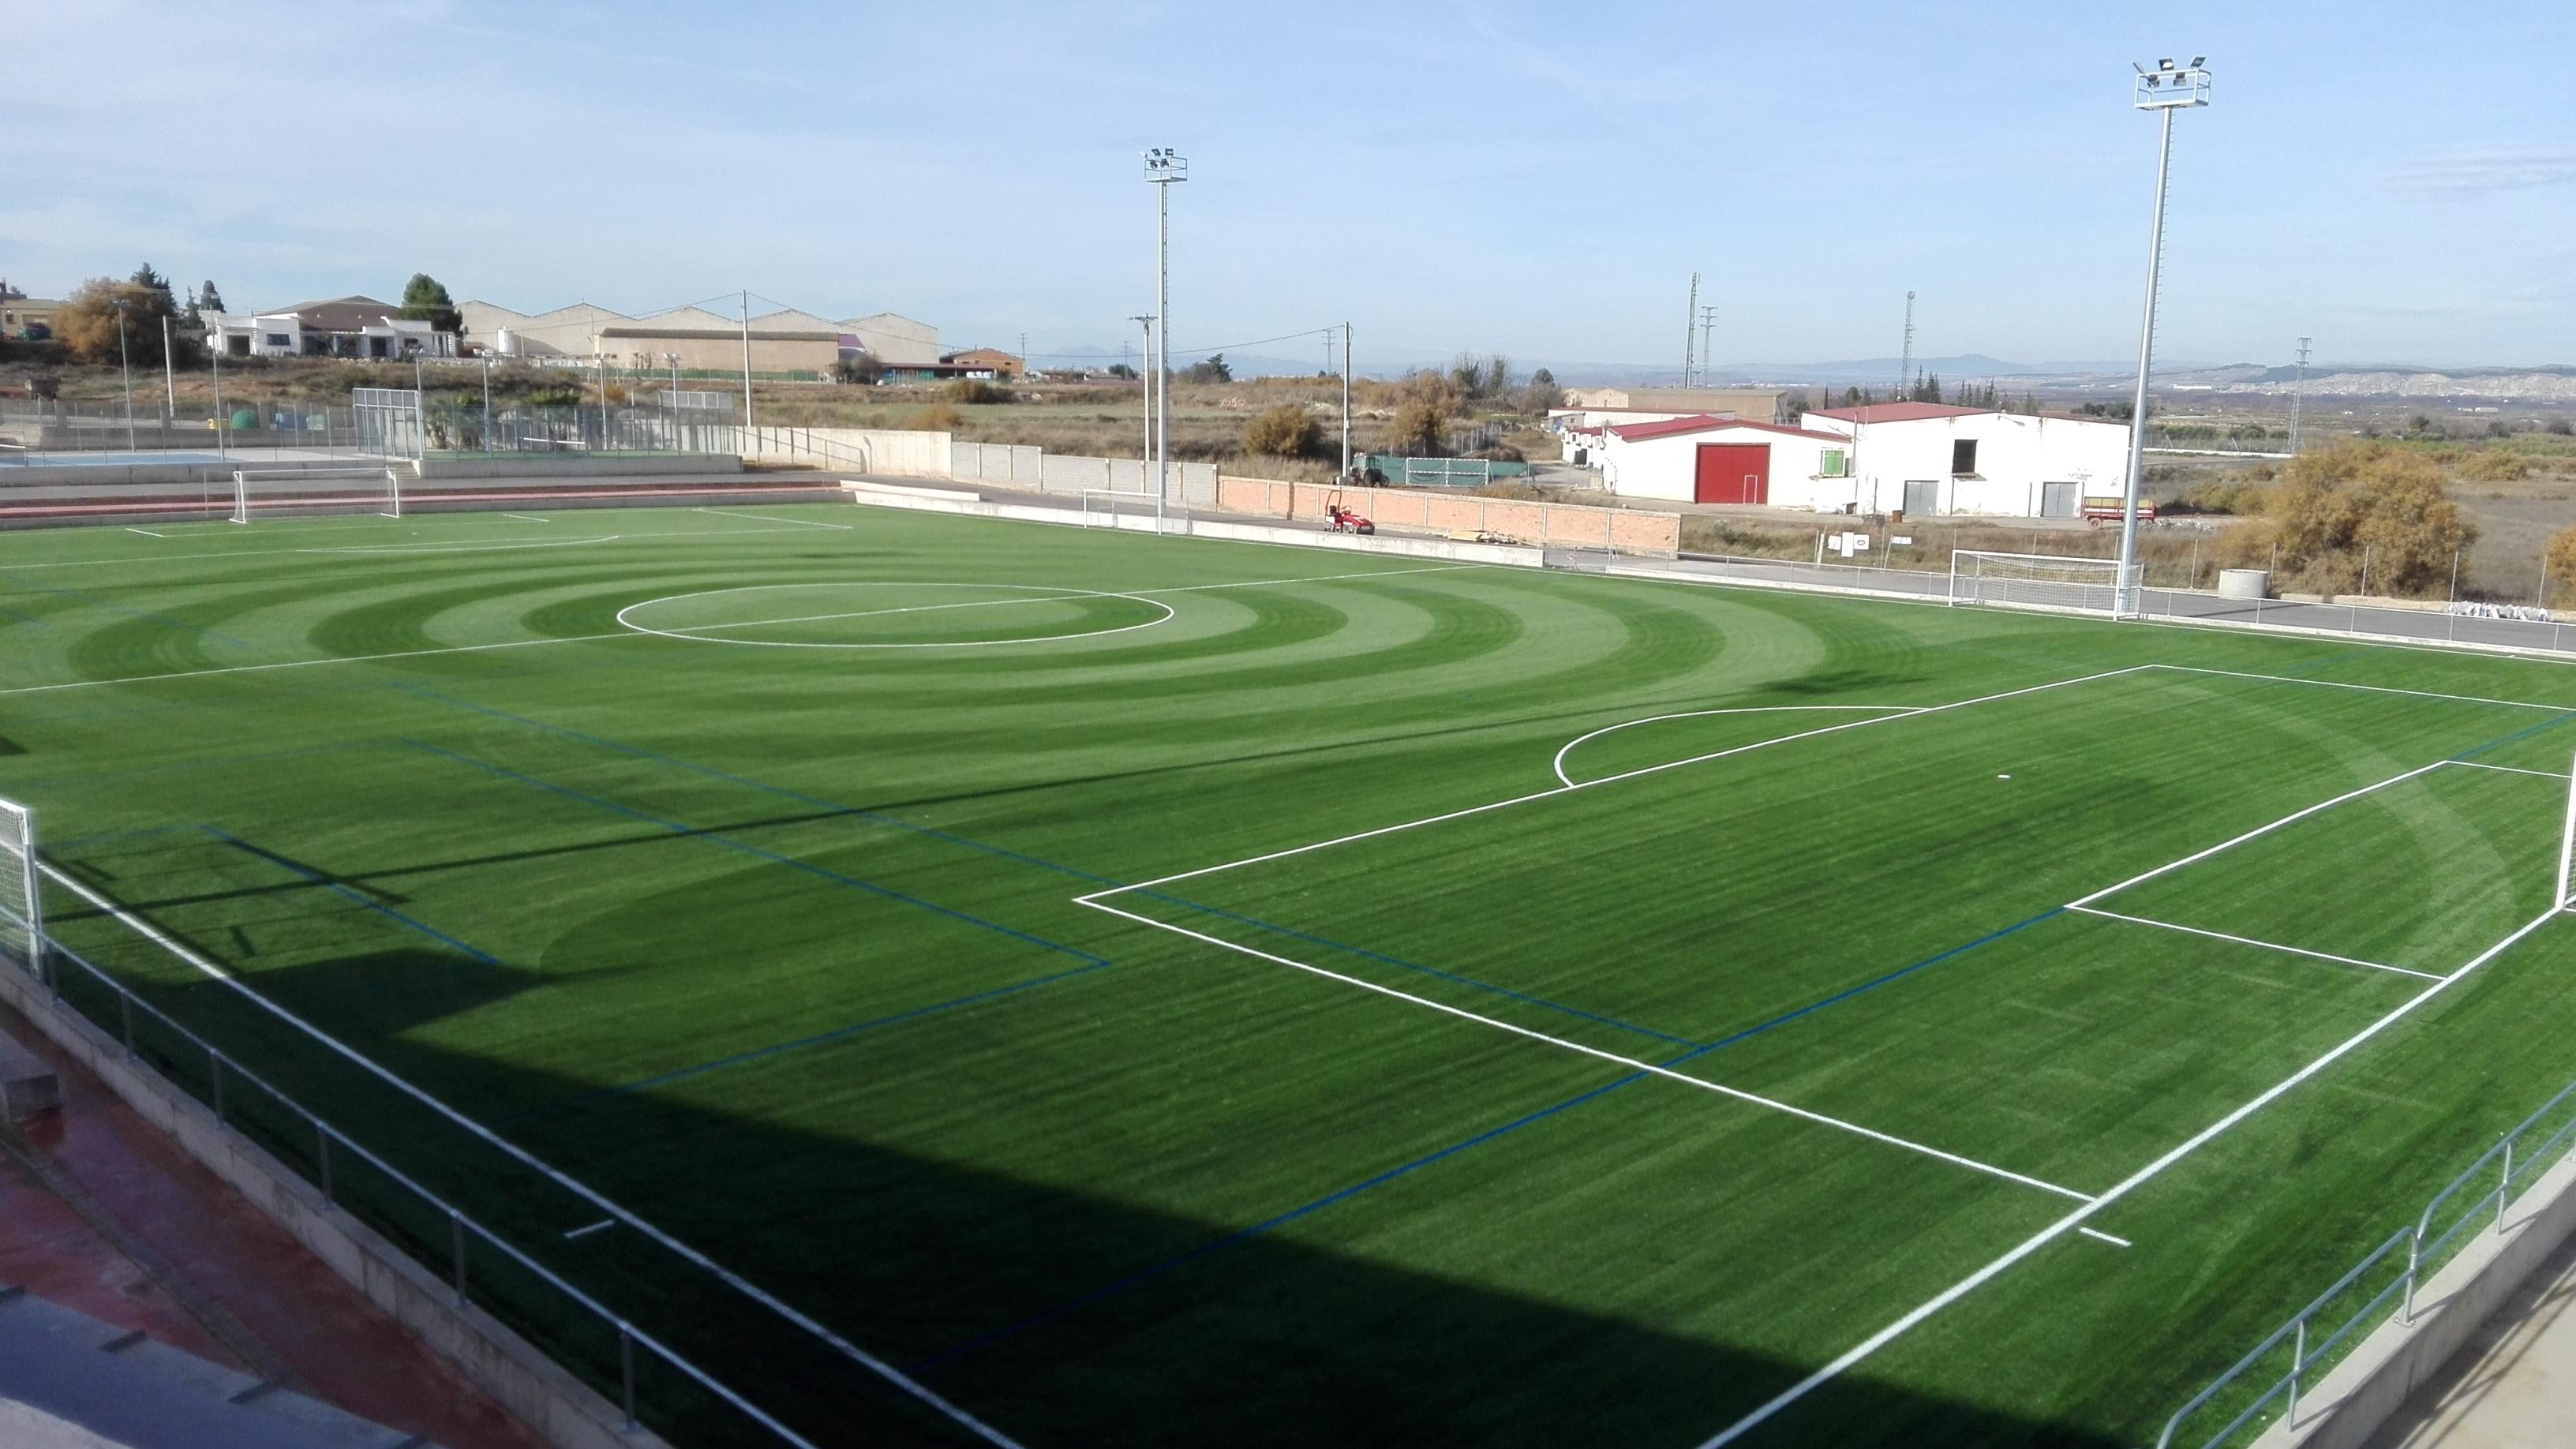 Transformación de campo de Fútbol a césped artificial en Complejo deportivo municipal de Aldeanueva de Ebro, La Rioja Image